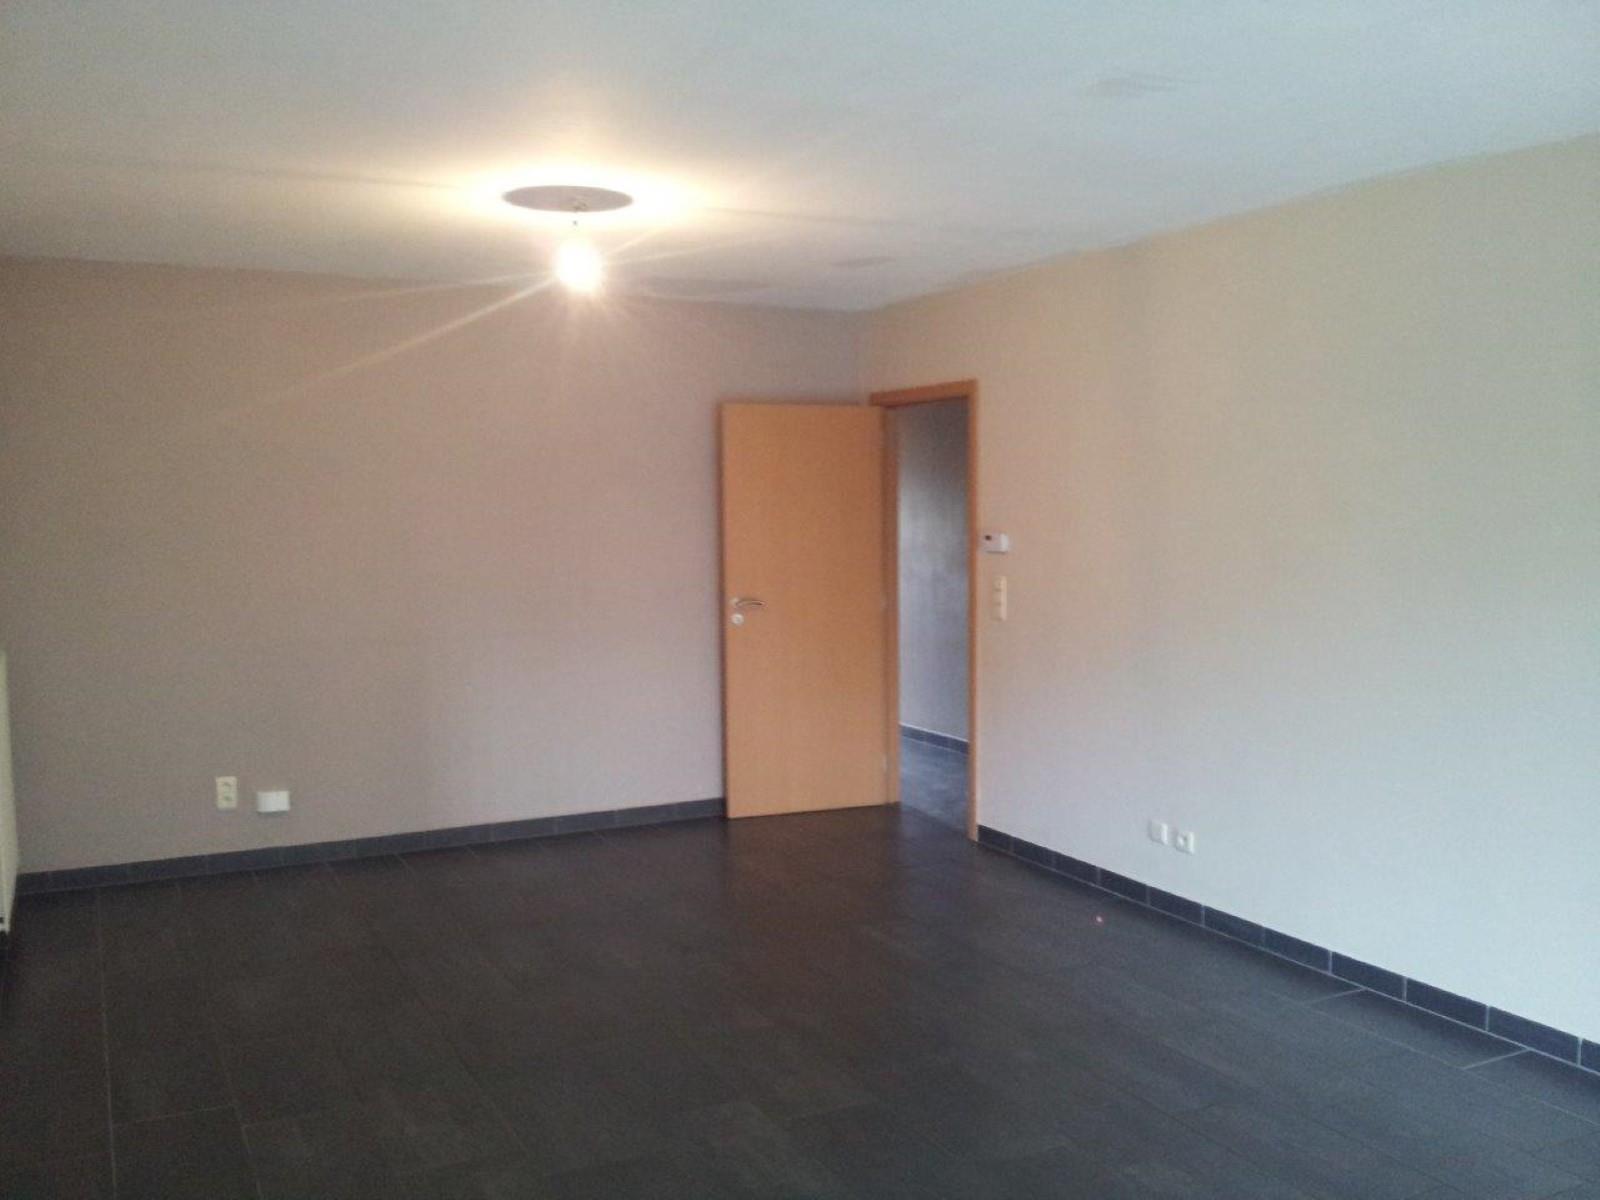 Appartement - Berchem-Sainte-Agathe - #3600663-3